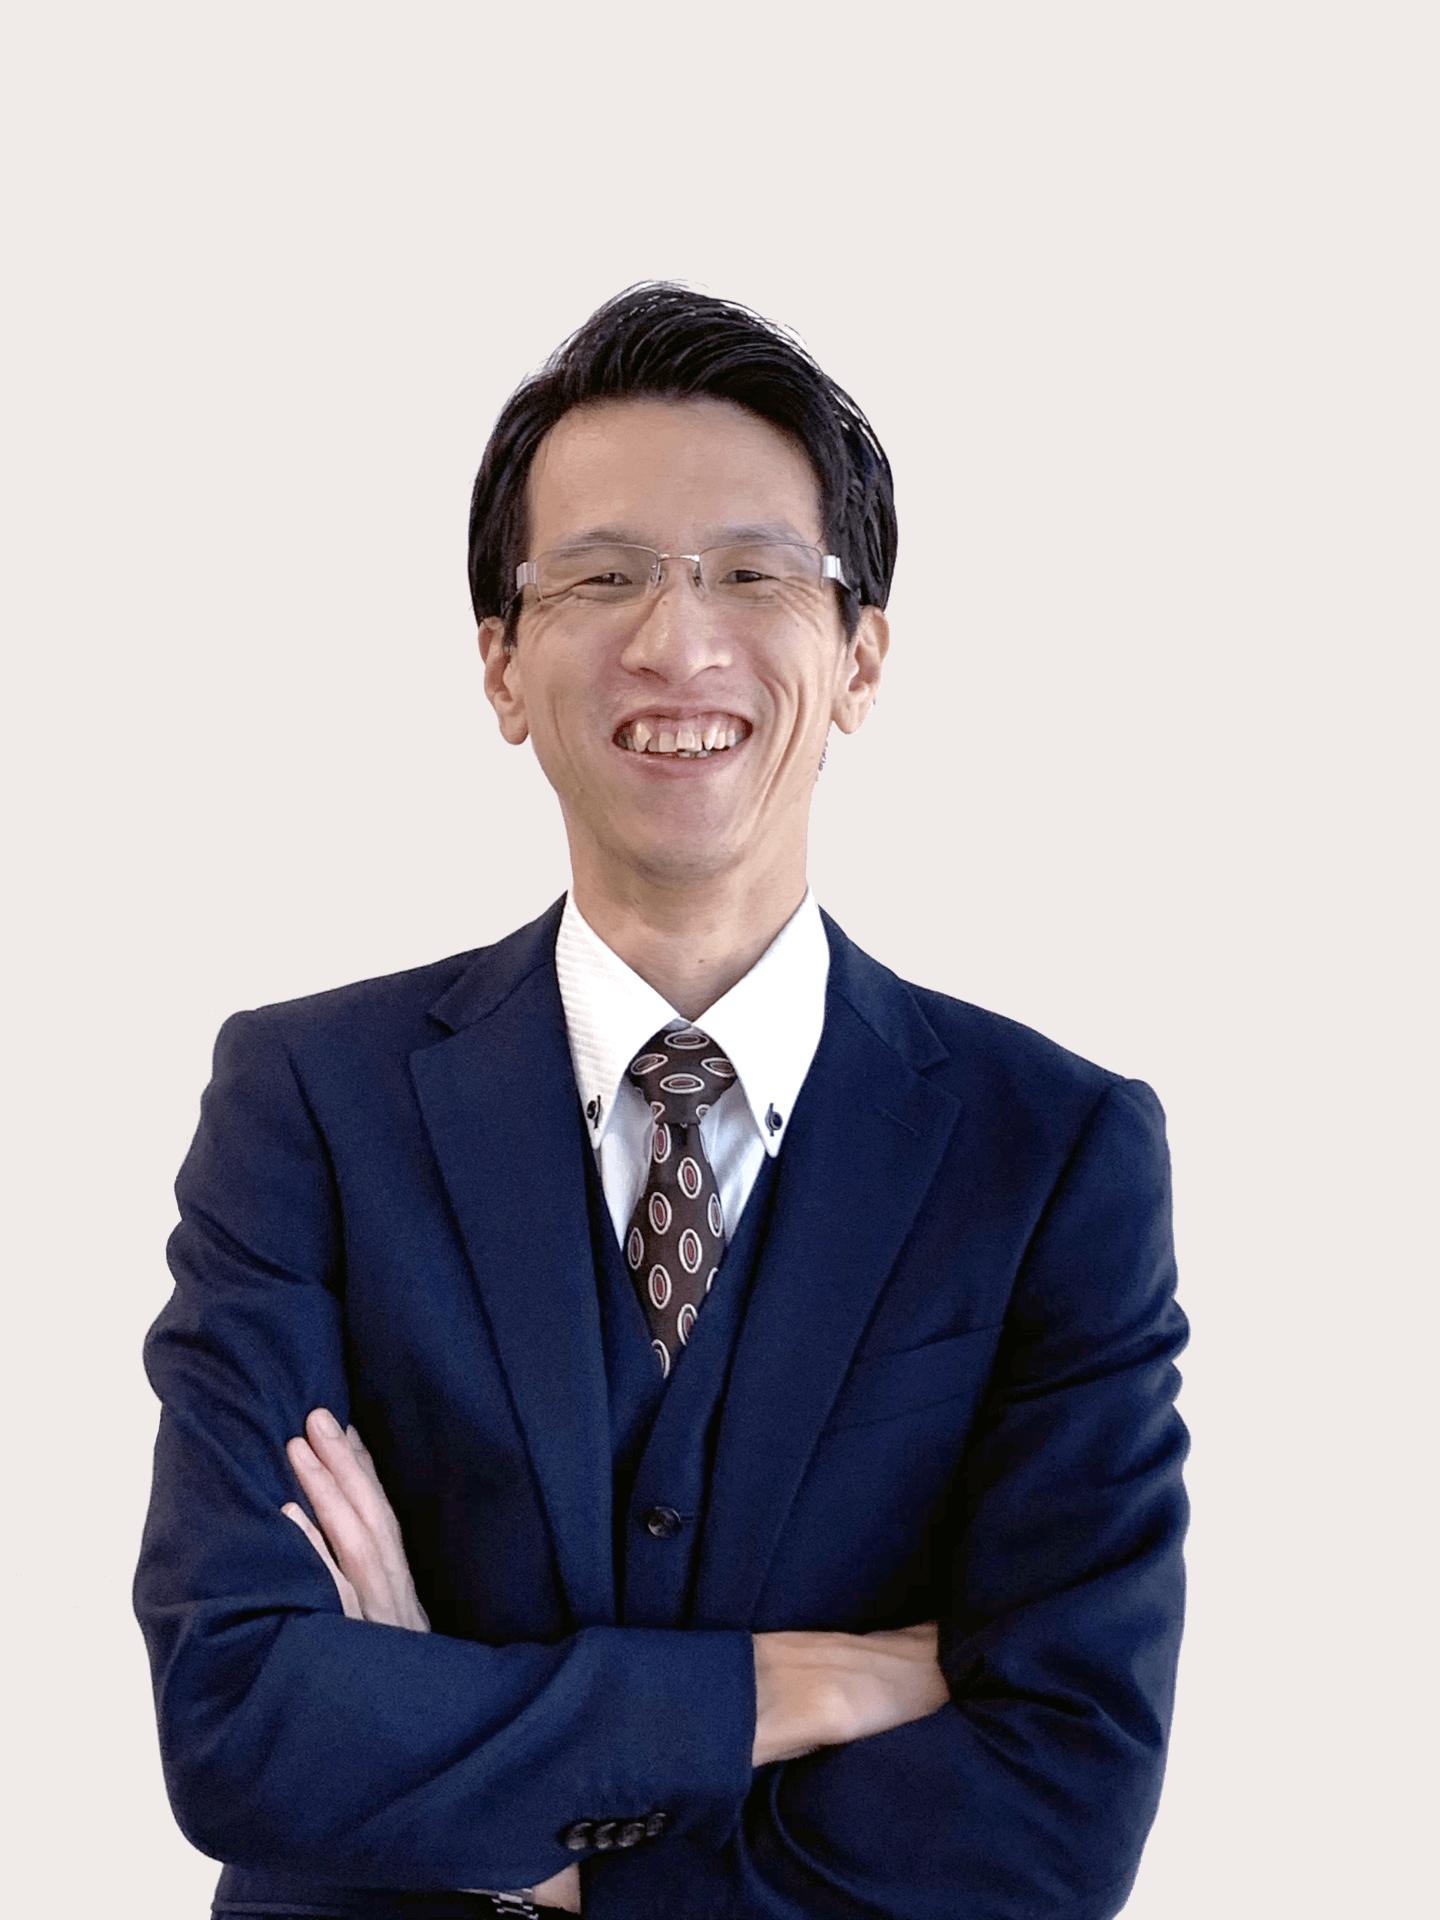 竹本真吾(たけもとしんご)